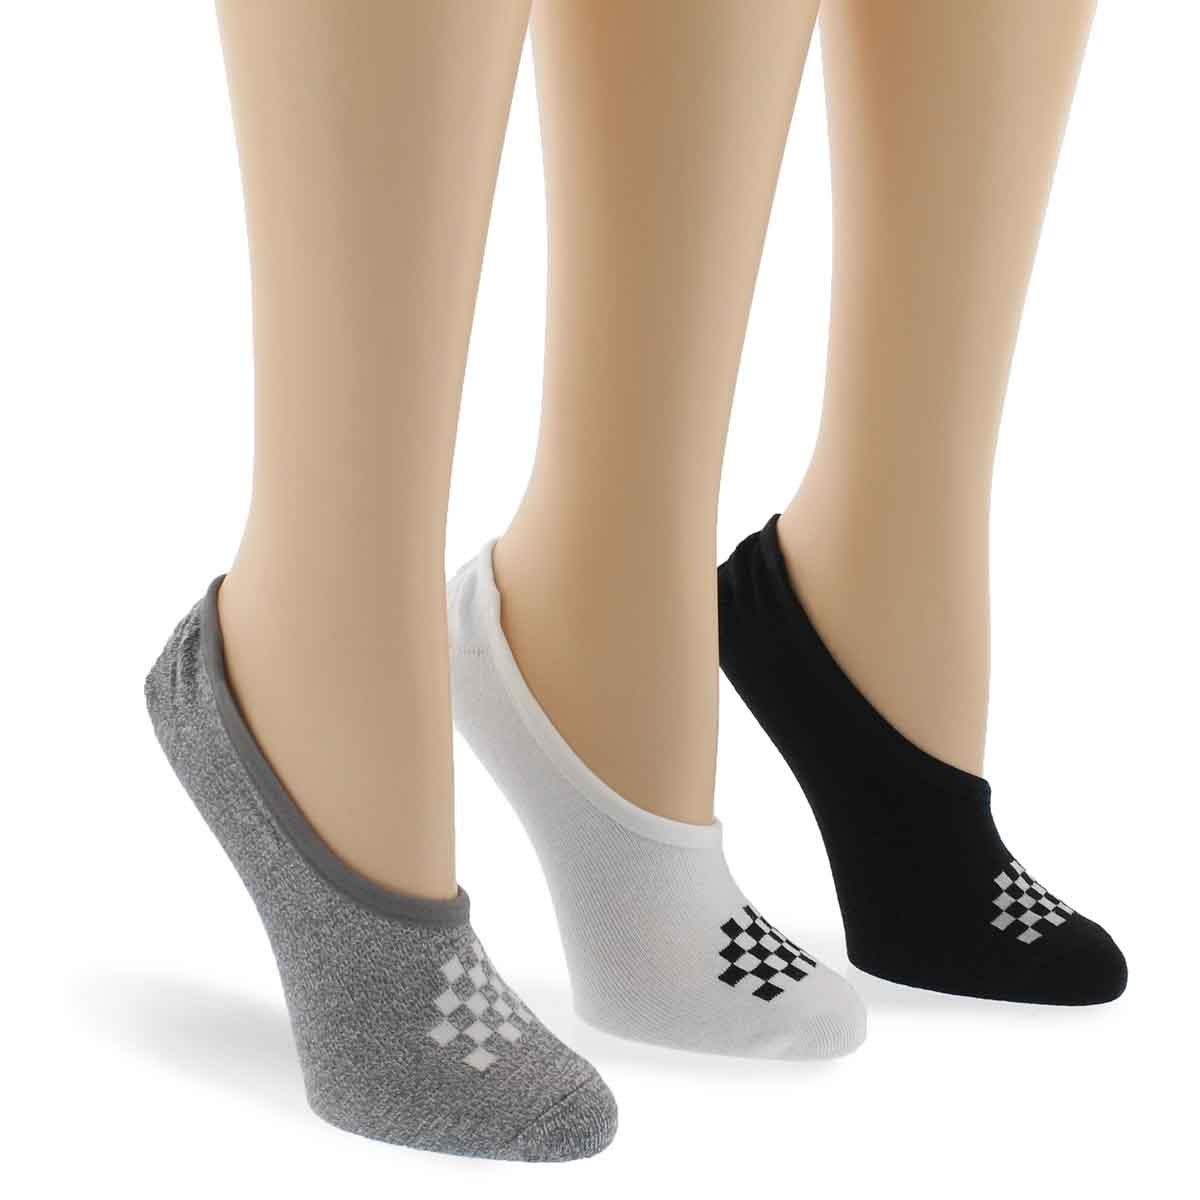 Lds BasicCanoodle bk/gy/wt ankle sock 3p